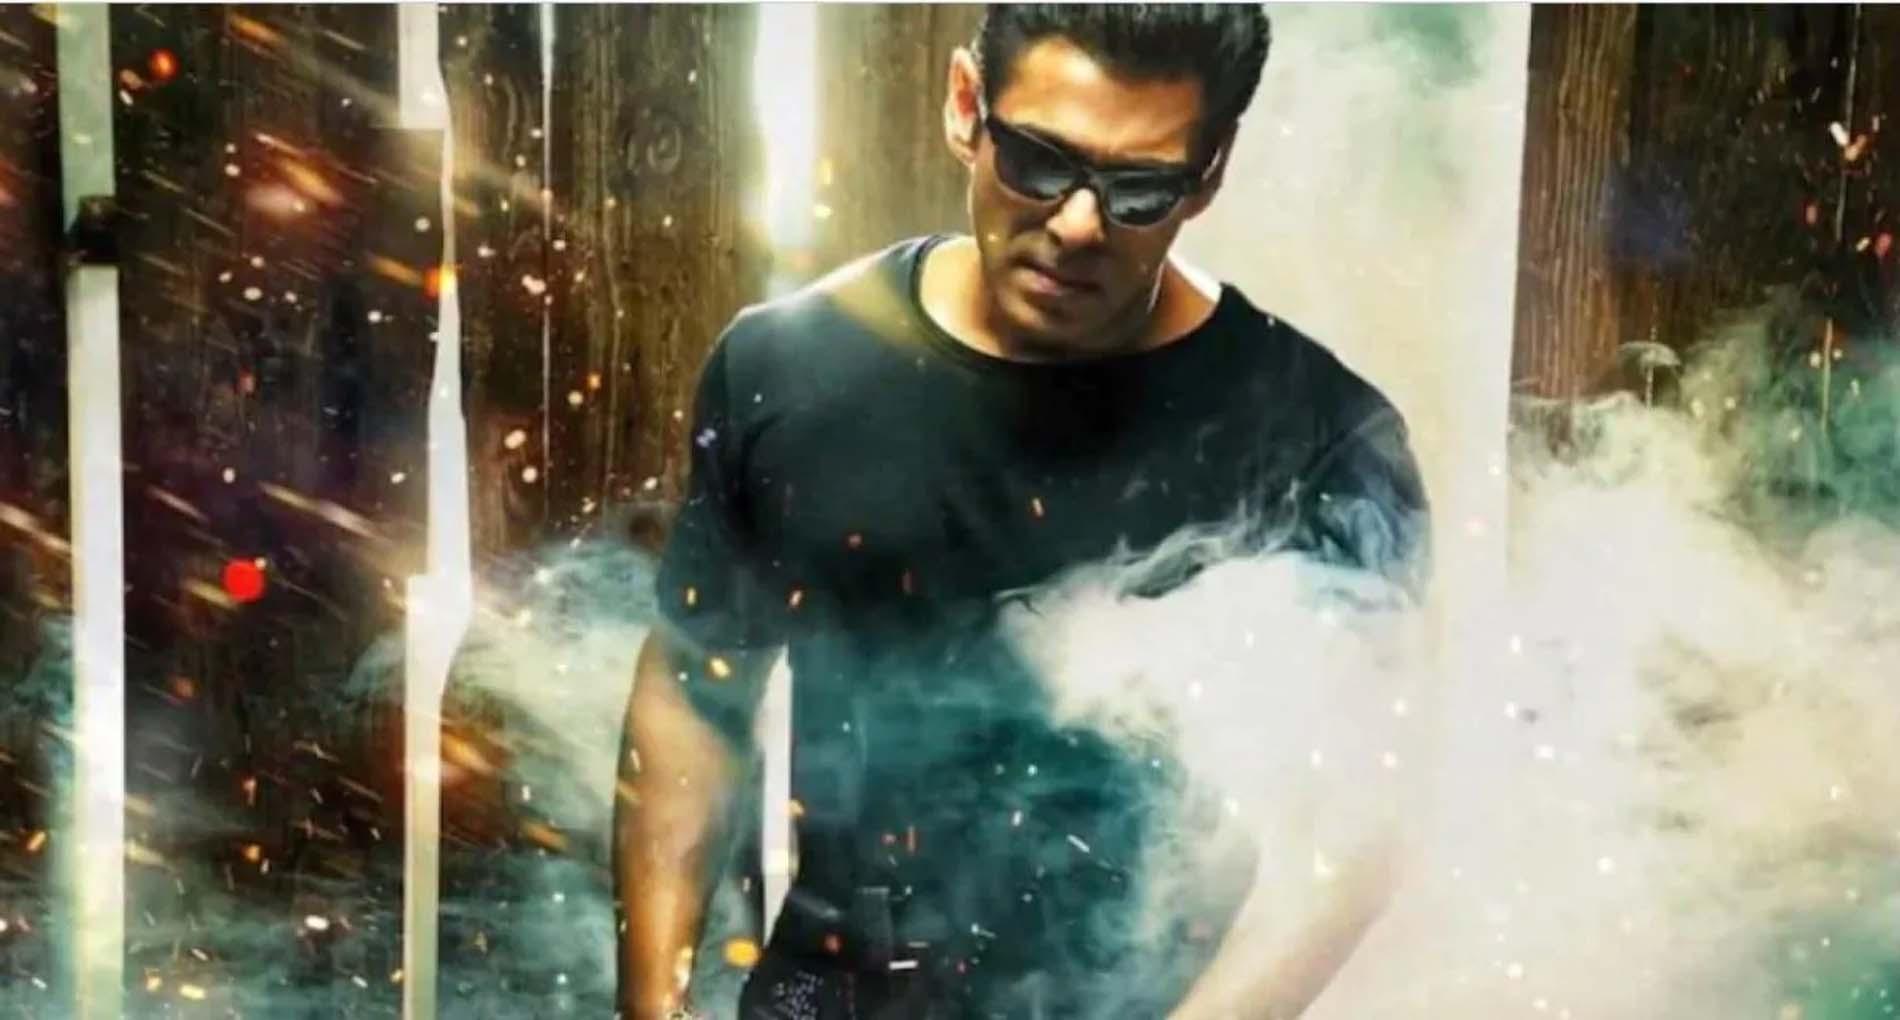 सलमान खान ने सिनेमा मालिकों की ये ख़ास बात! अब सिनेमाघरों में रिलीज होगी 'राधे'